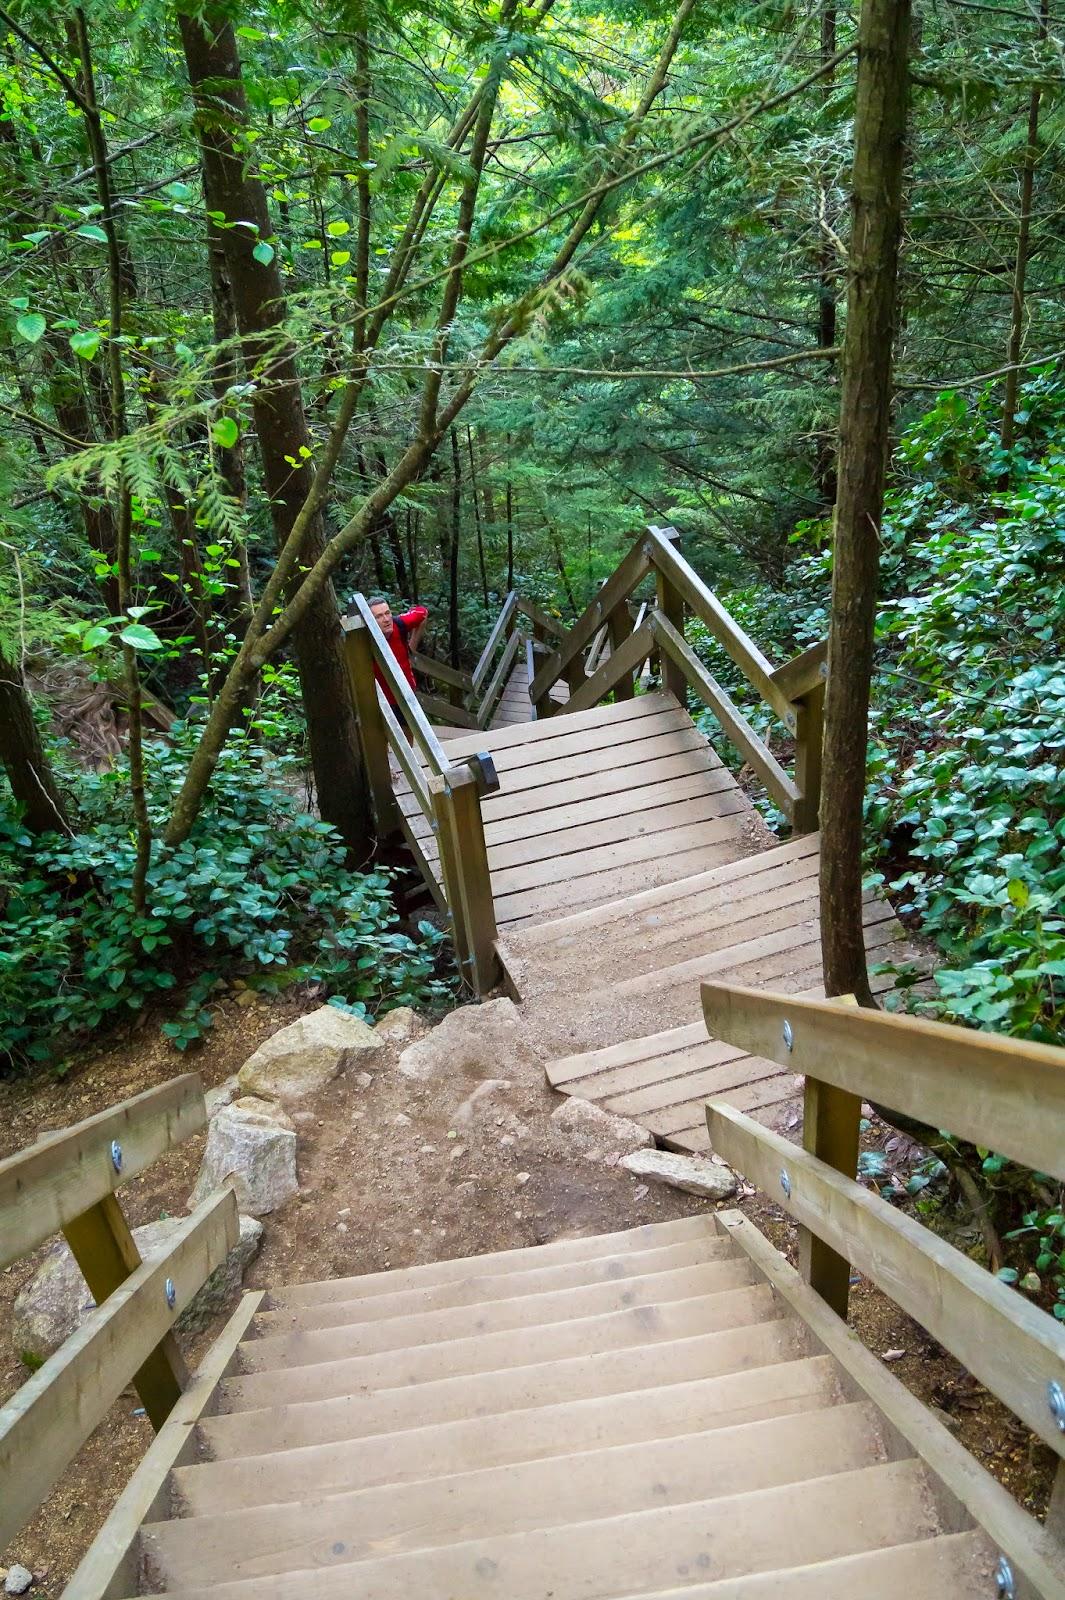 В каких-то местах путь ведет по вполне аккуратным лестницам.